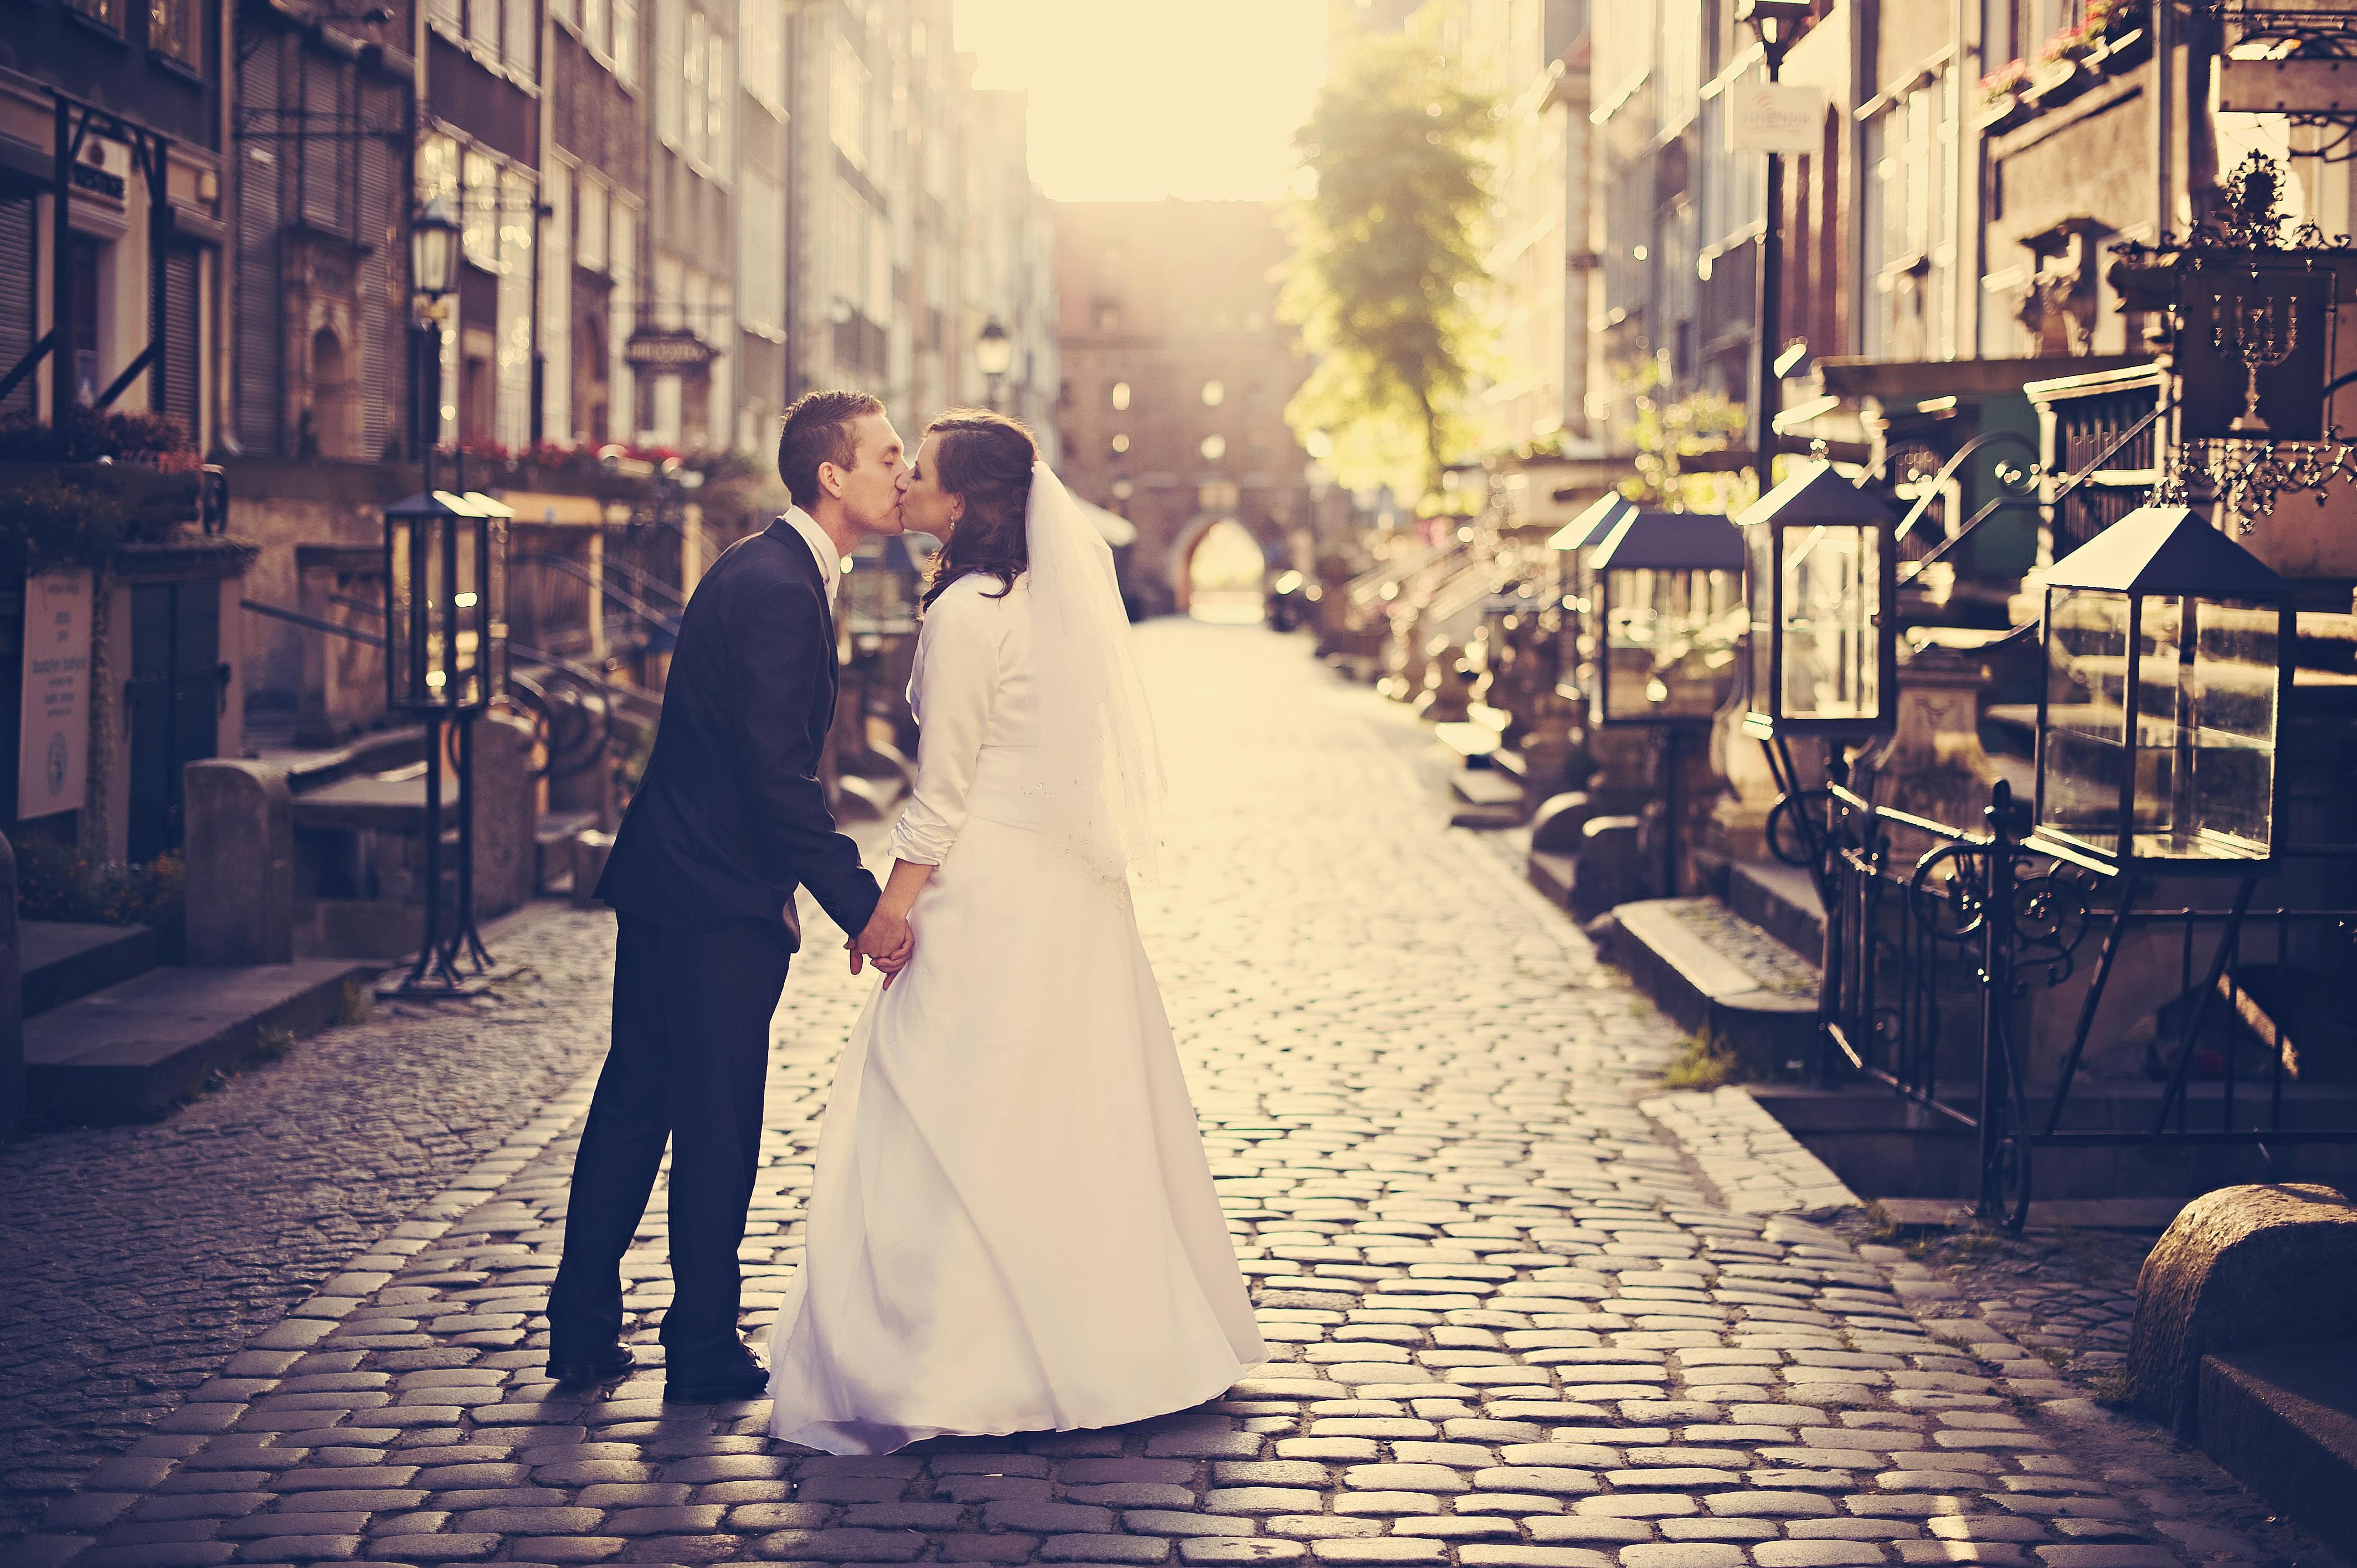 sesja ślubna plener sweet wedding blog inspiracje slubne moda ślubna